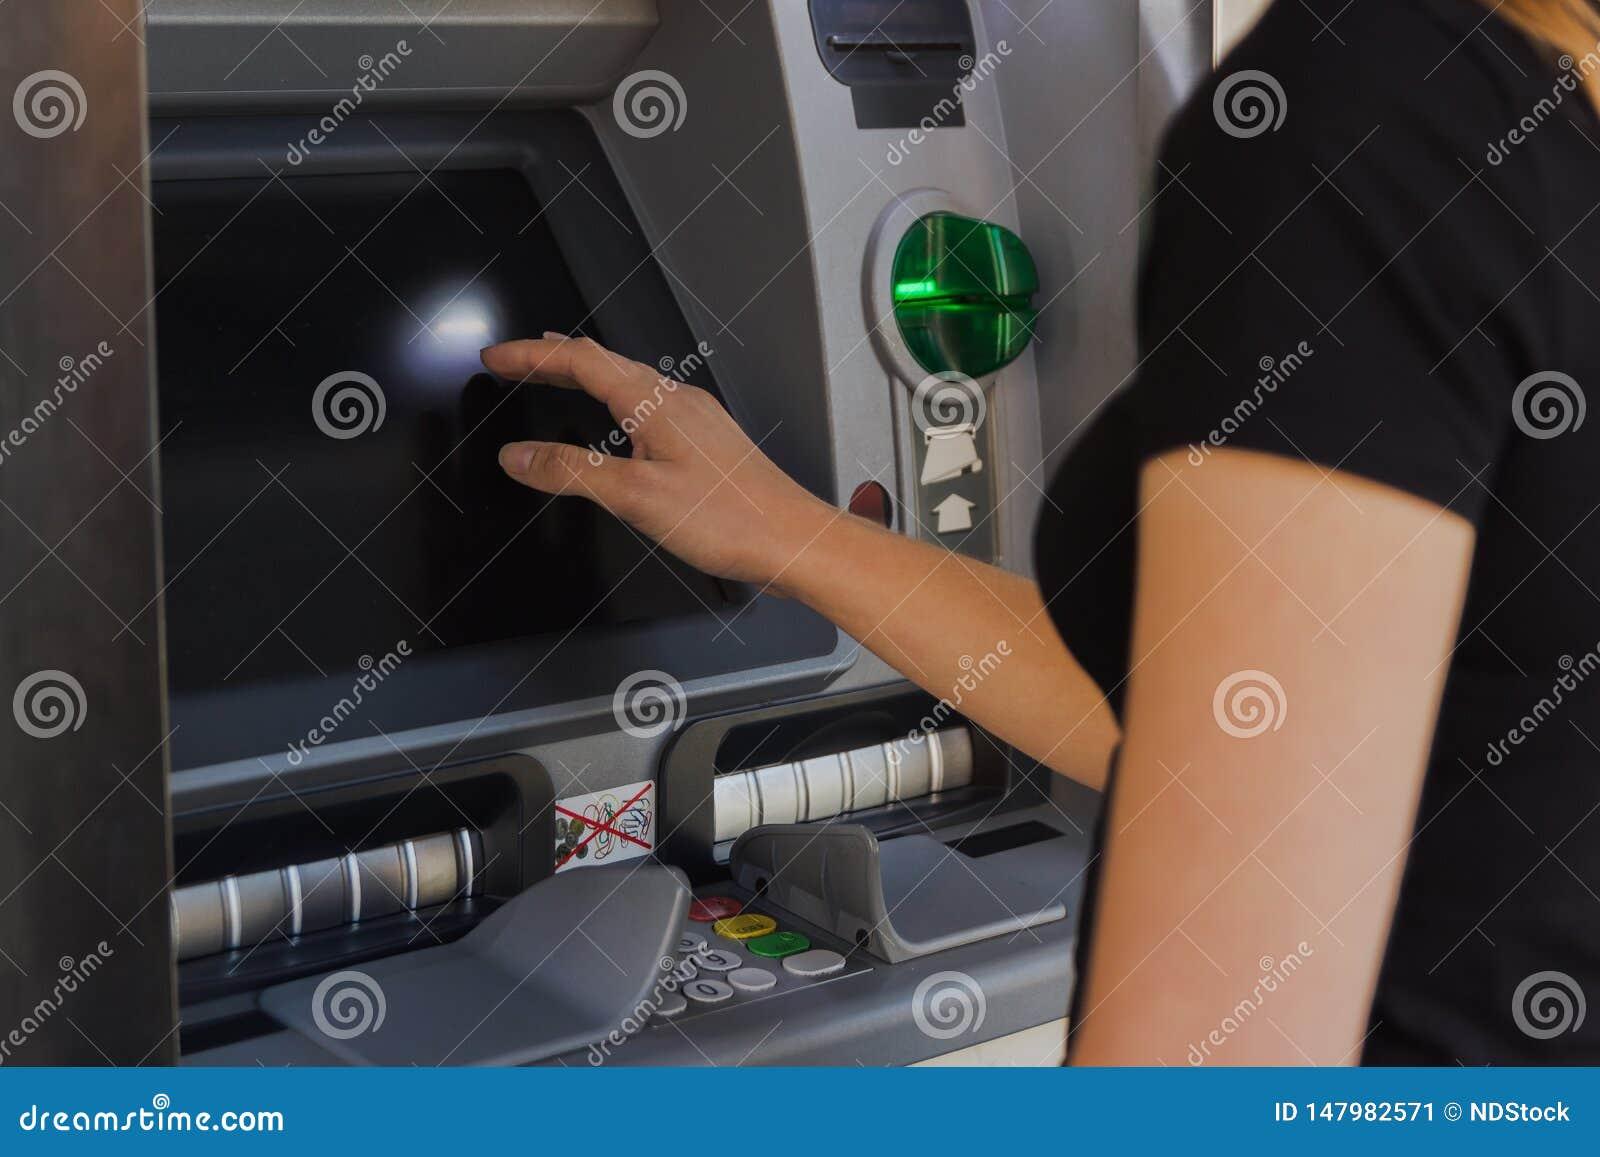 Νέα γυναίκα που αποσύρει τα μετρητά από μια μηχανή μετρητών